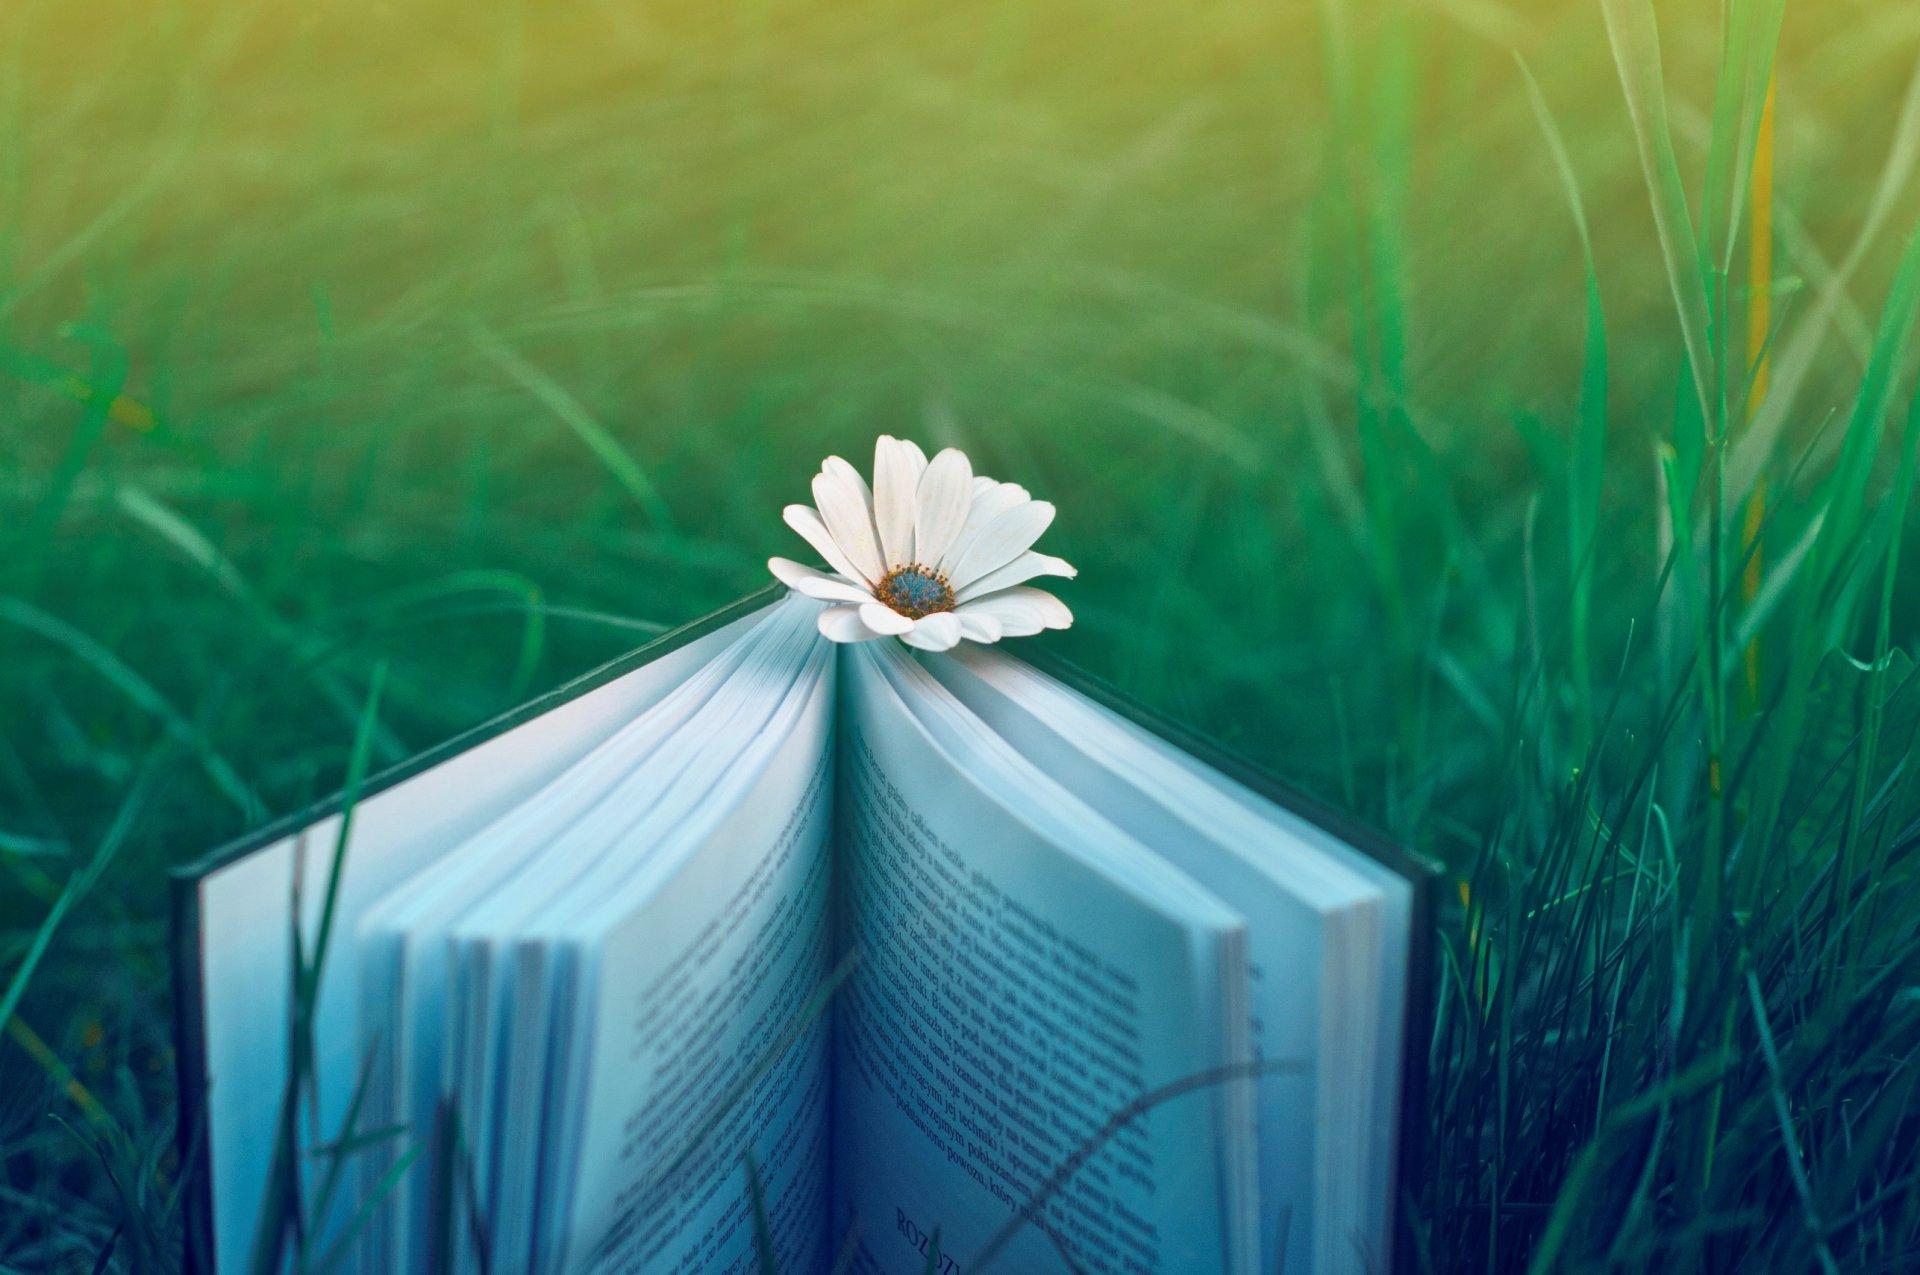 обои на рабочий стол цветы книги № 648778 загрузить